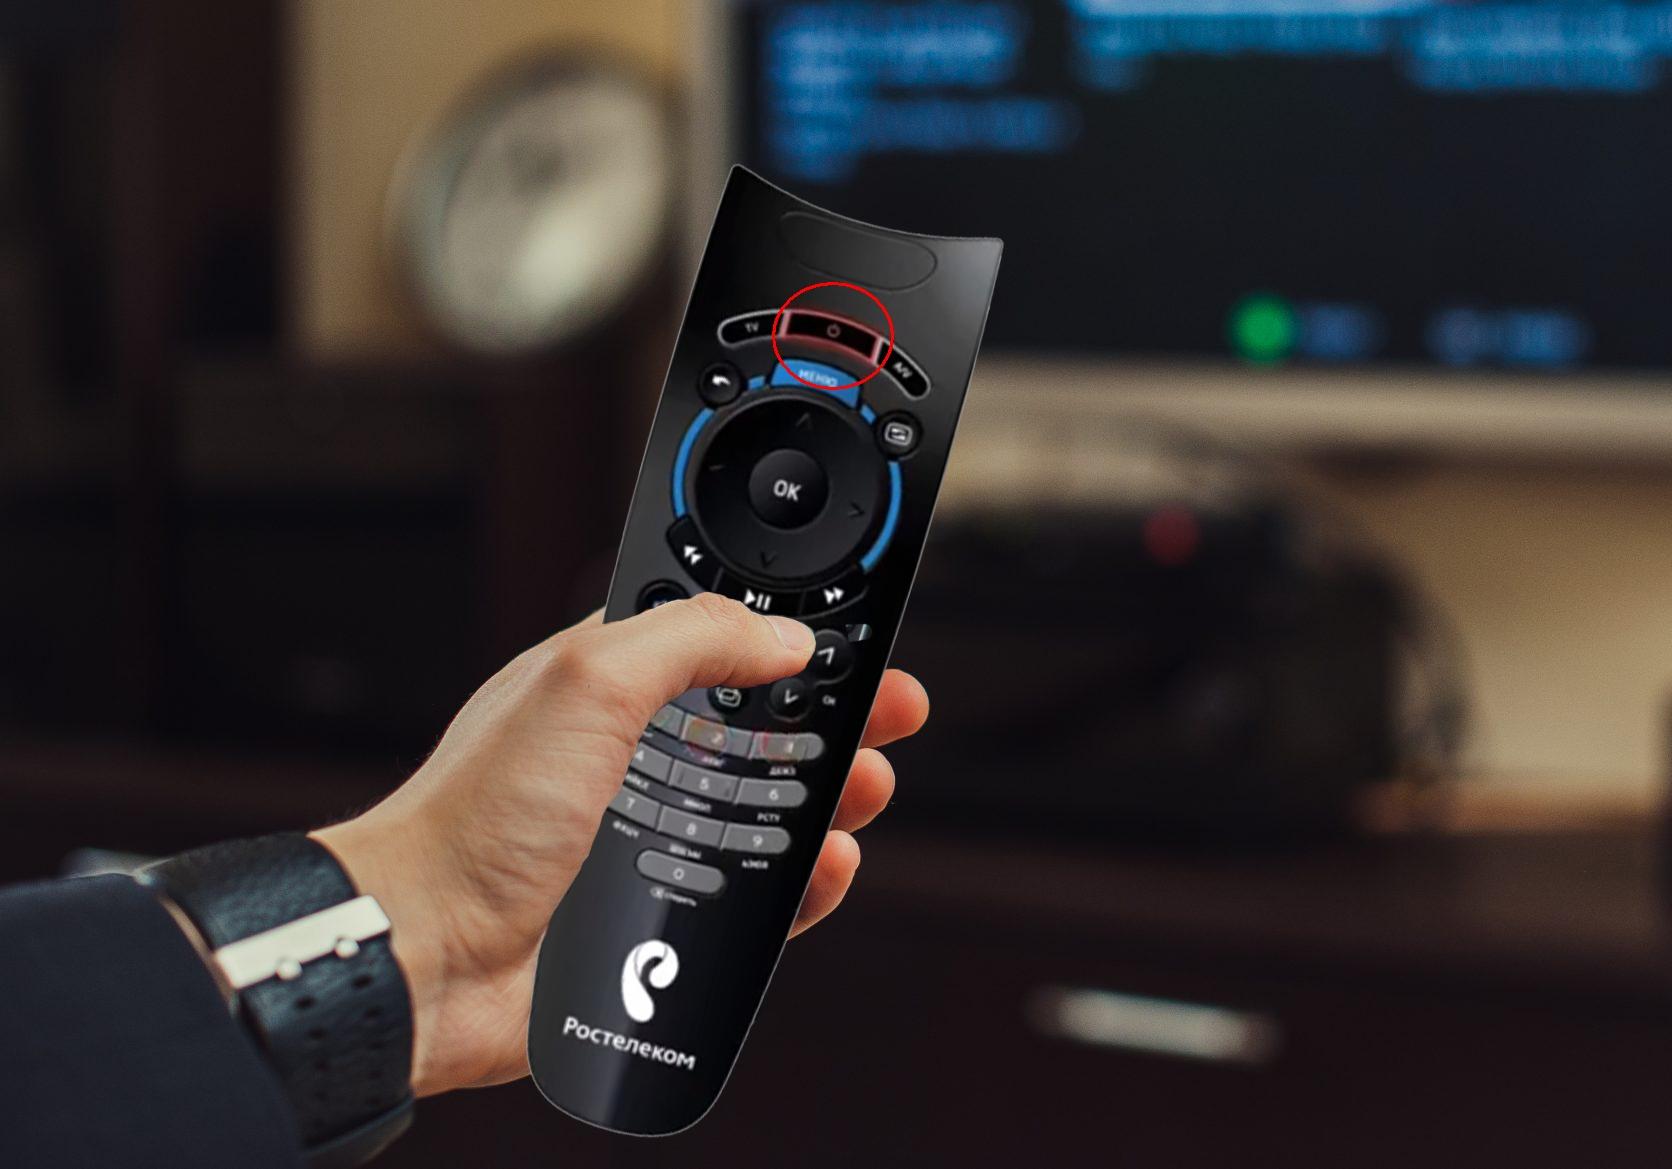 как настроить пульт от ростелекома на телевизор